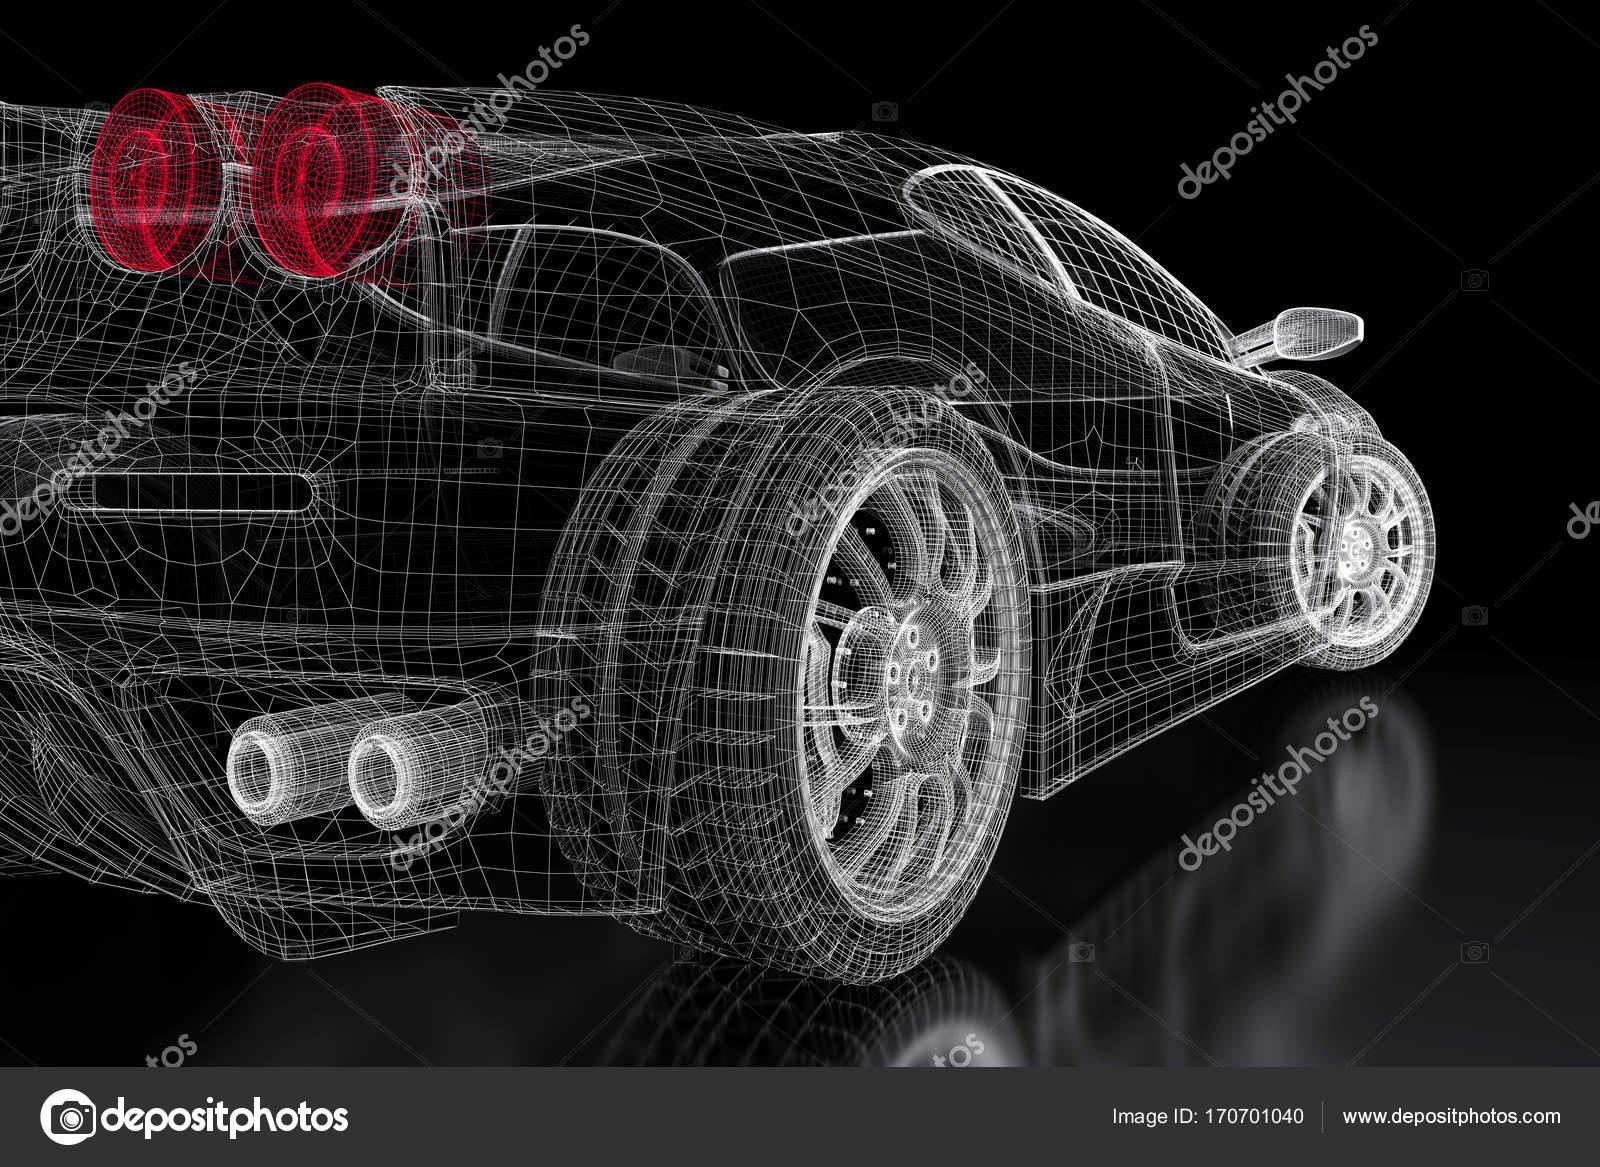 3D Auto-Netz auf einem schwarzen — Stockfoto © Shtanzman #170701040